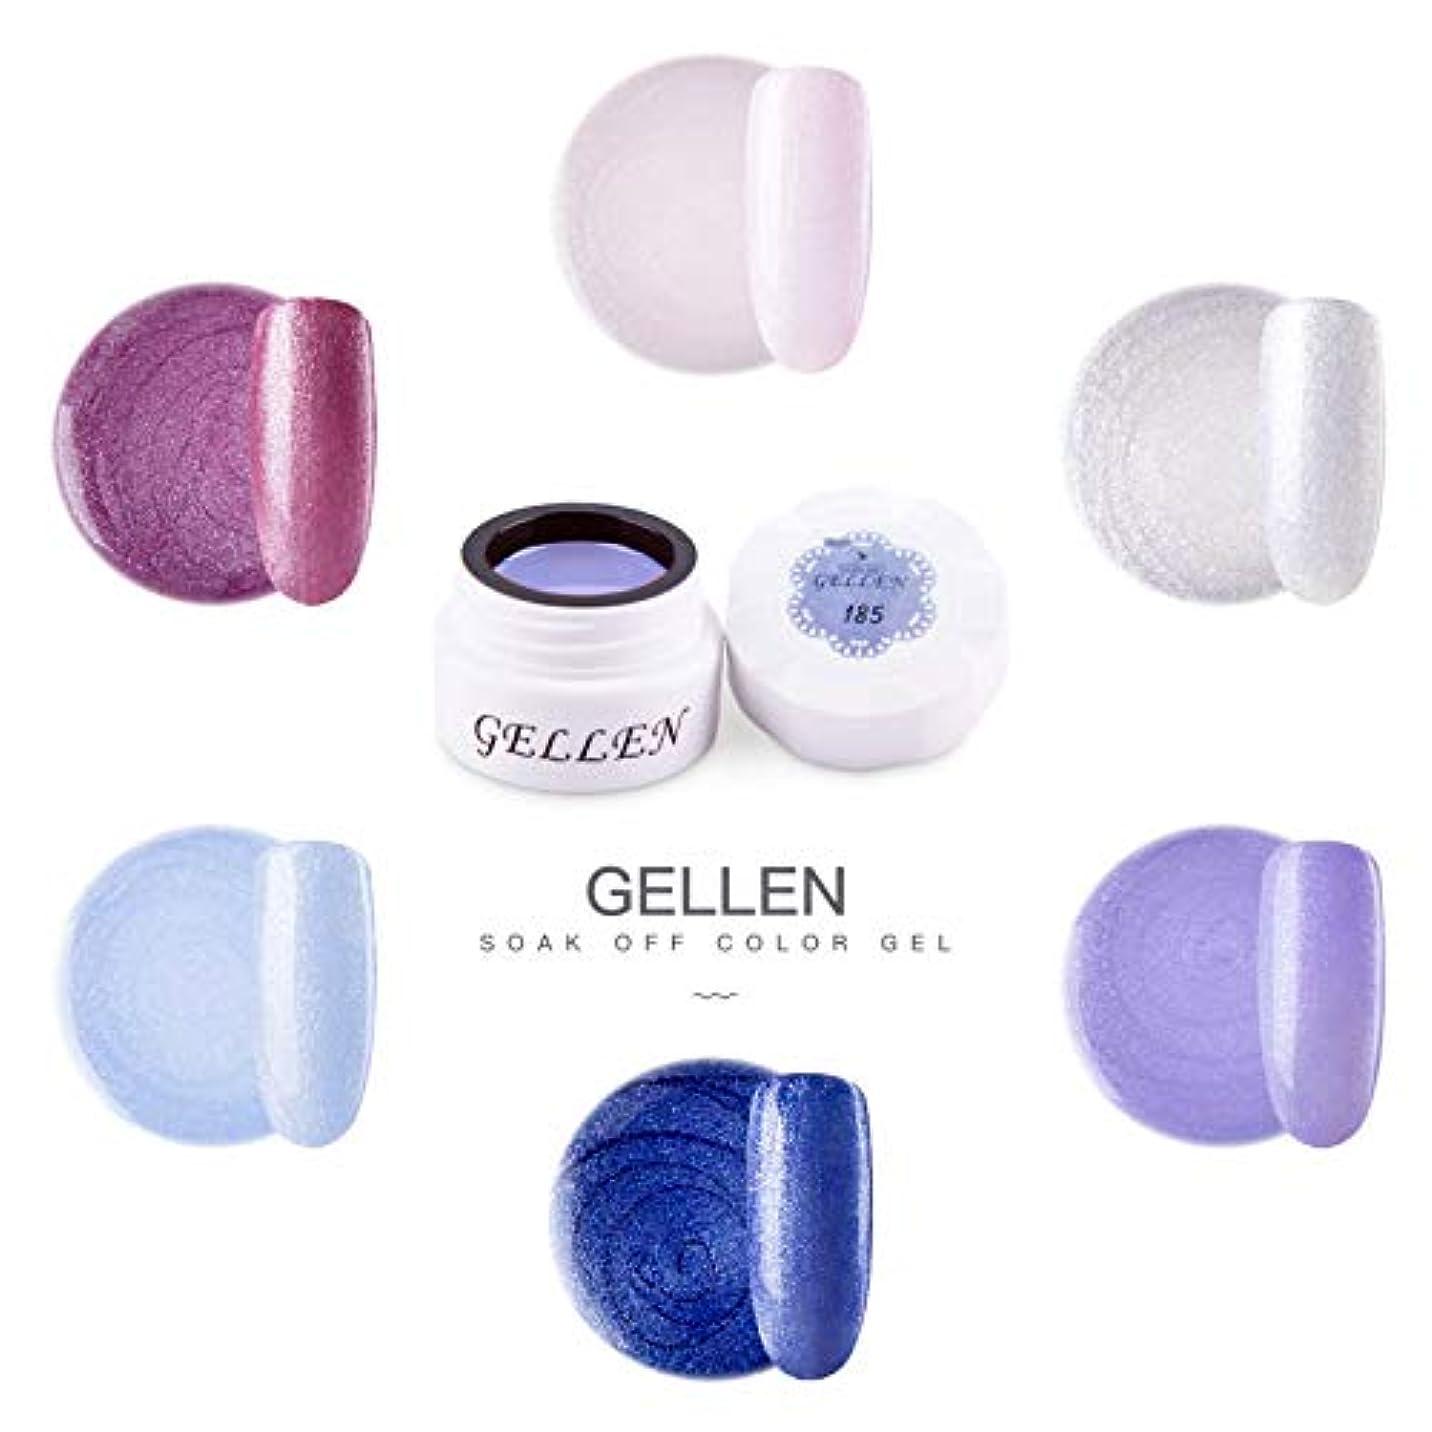 内陸どうしたのより多いGellen カラージェル 6色 セット[パール カラー系]高品質 5g ジェルネイル カラー ネイルブラシ付き